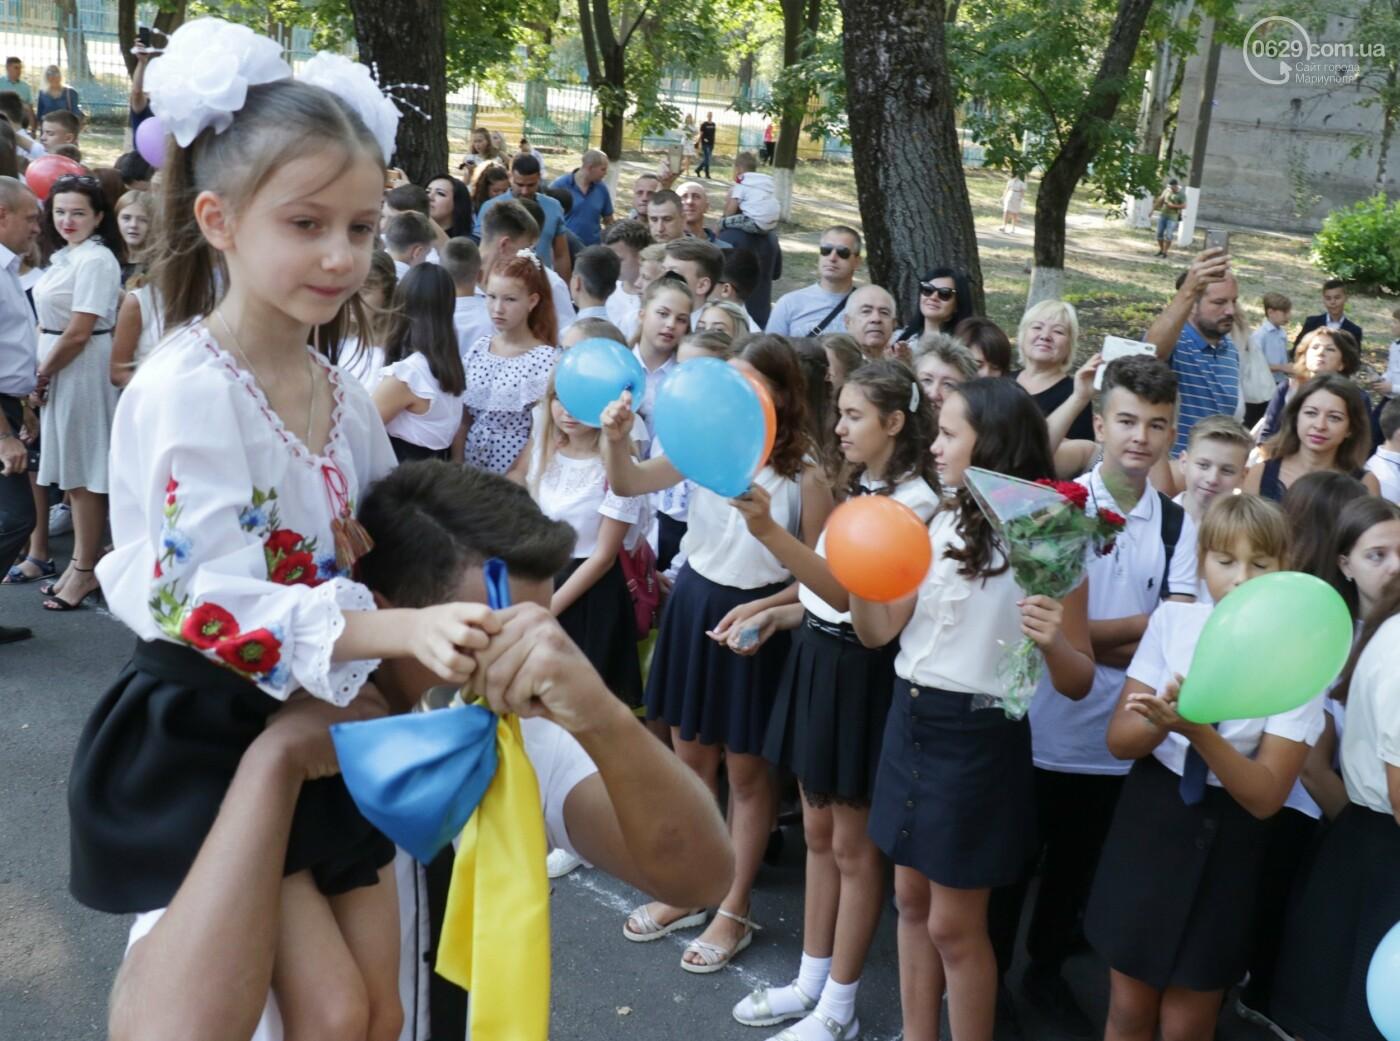 Первый звонок в Новой украинской школе: четыре тысячи первоклашек сели за парты в Мариуполе, - ФОТОРЕПОРТАЖ, фото-7